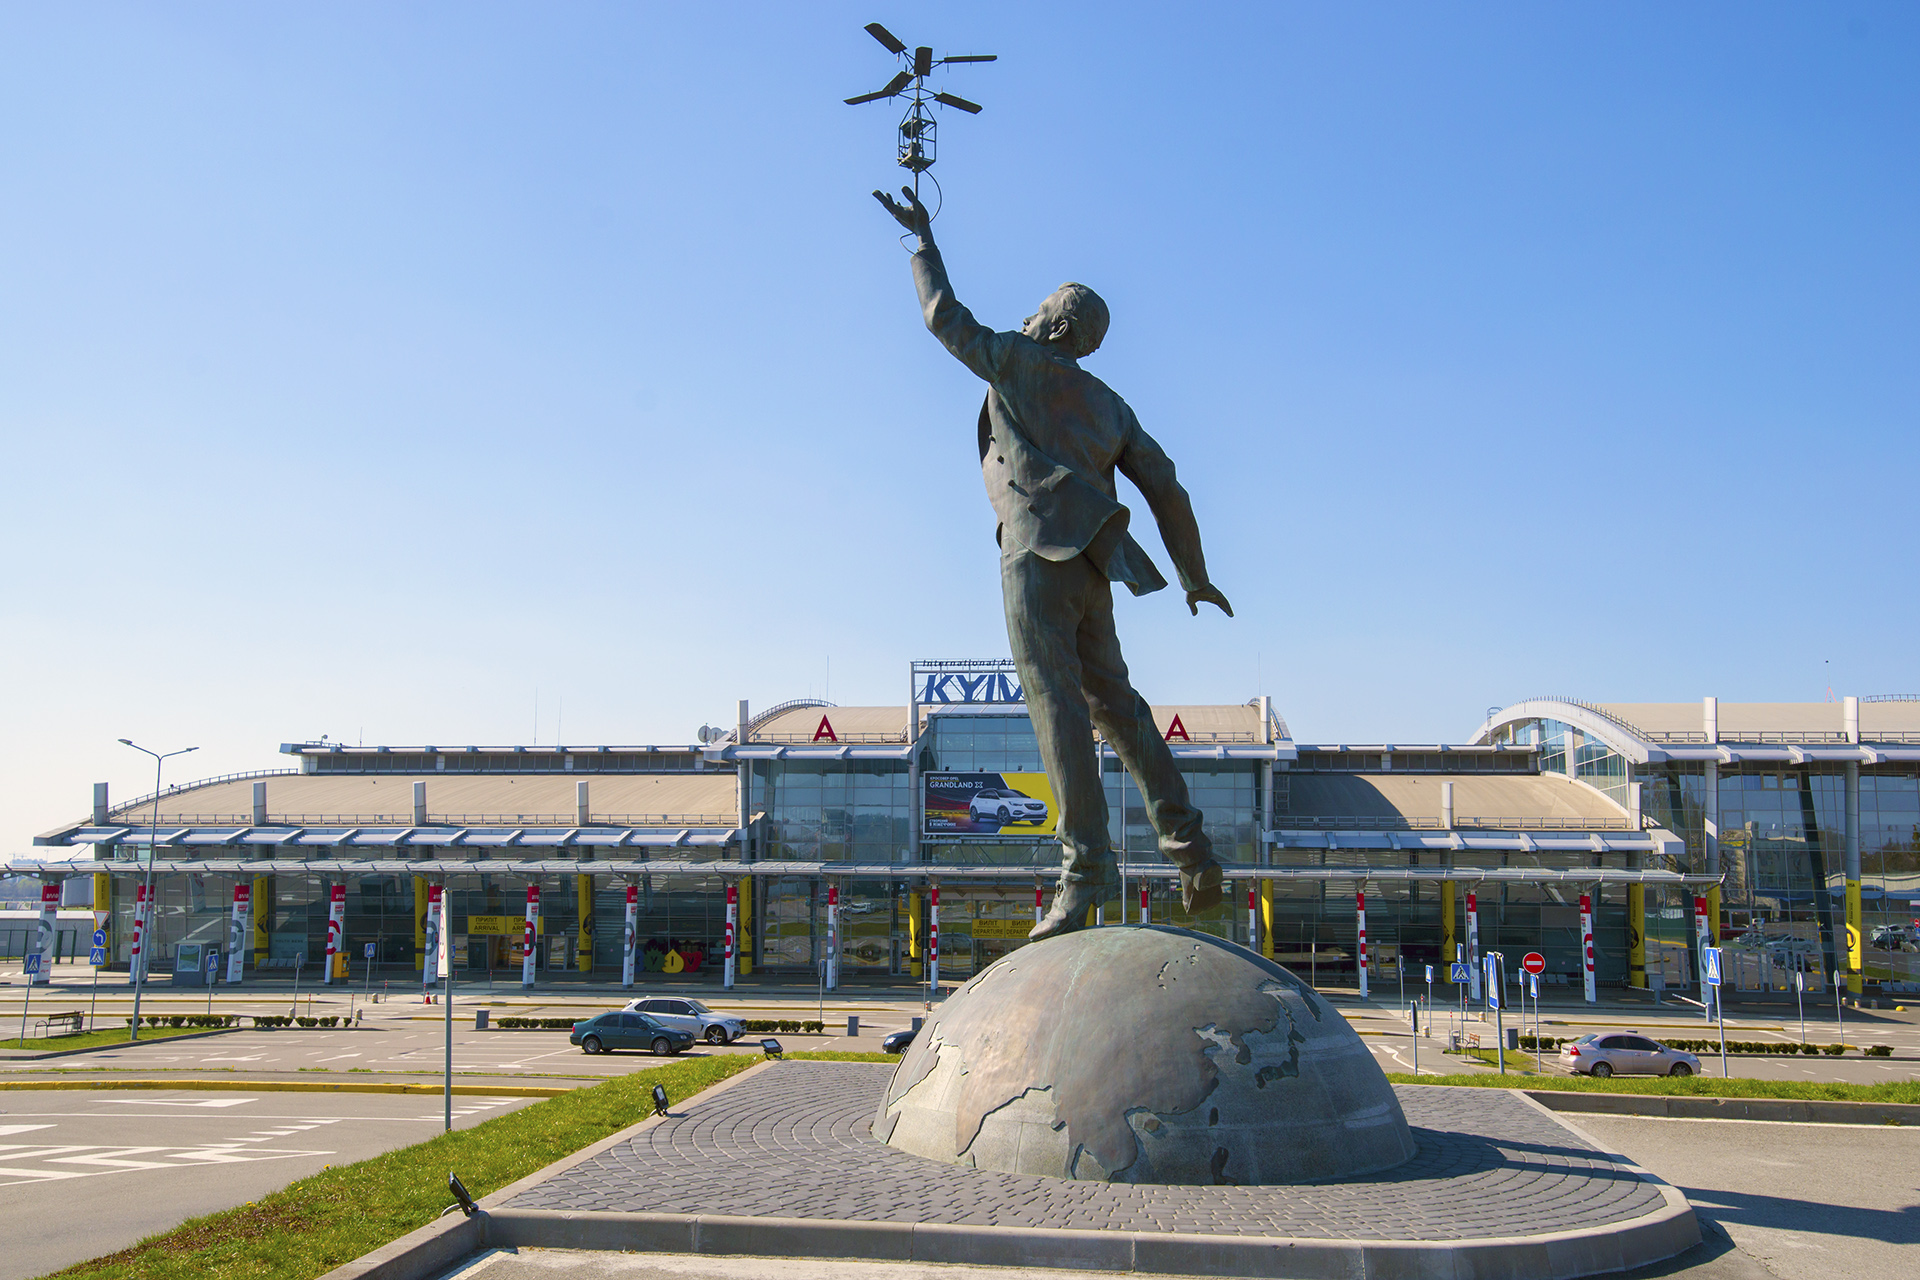 Аеропорт Київ відновить міжнародні рейси із 17 червня - аеропорт, авіасполучення - 5ee7e58887b52794144527